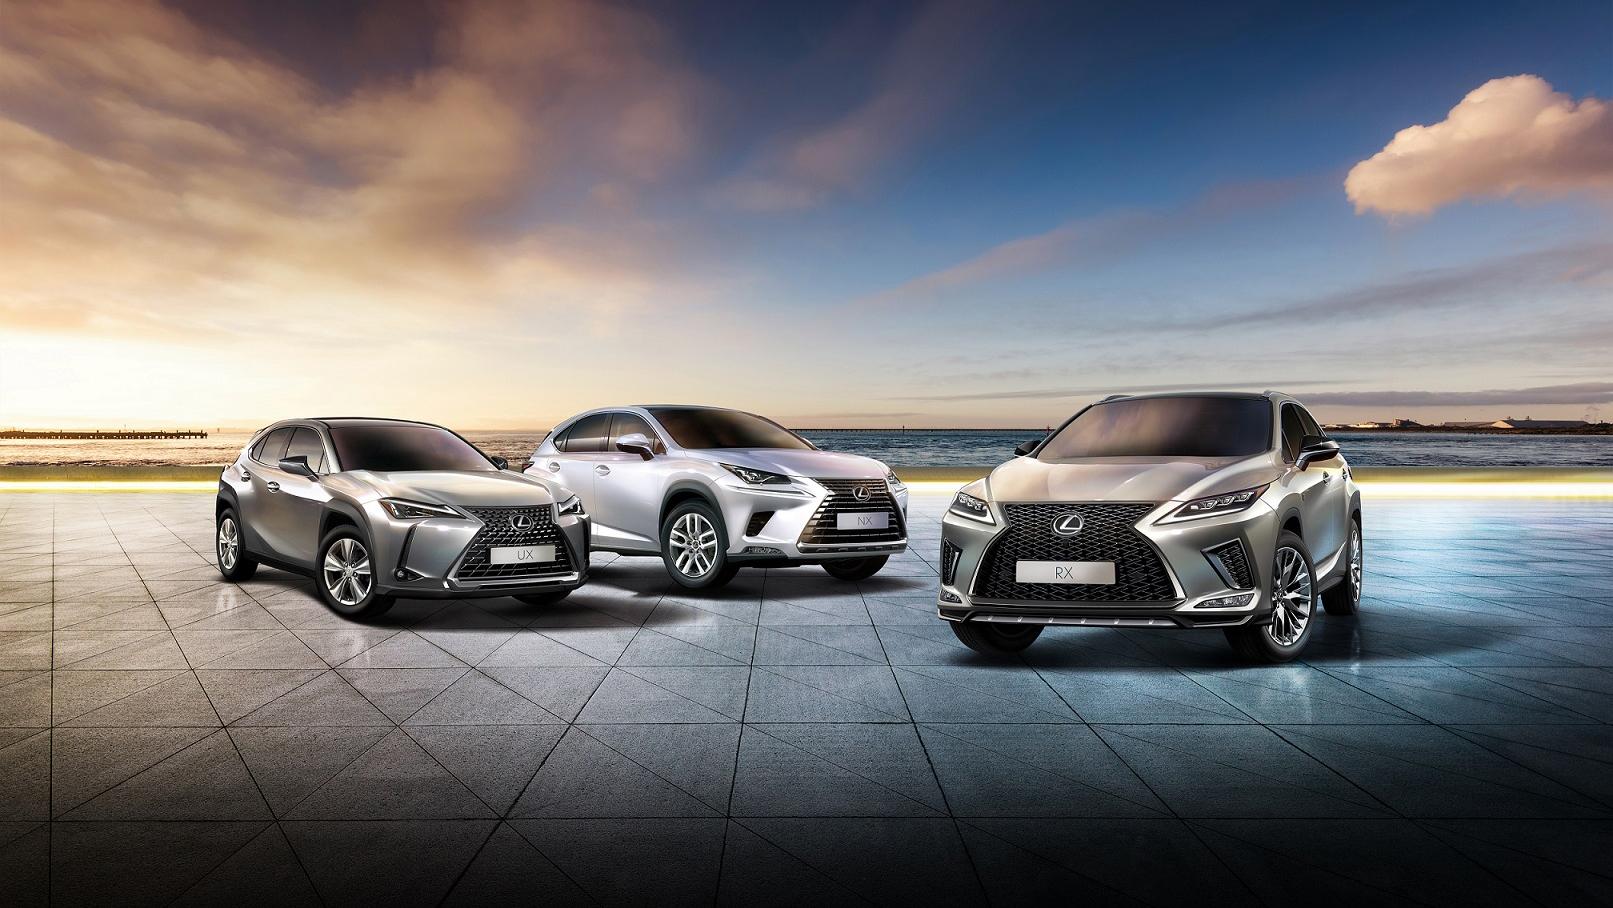 和泰元月強勁,市占創新高、RAV4 狂賣、Lexus 奪豪車冠軍